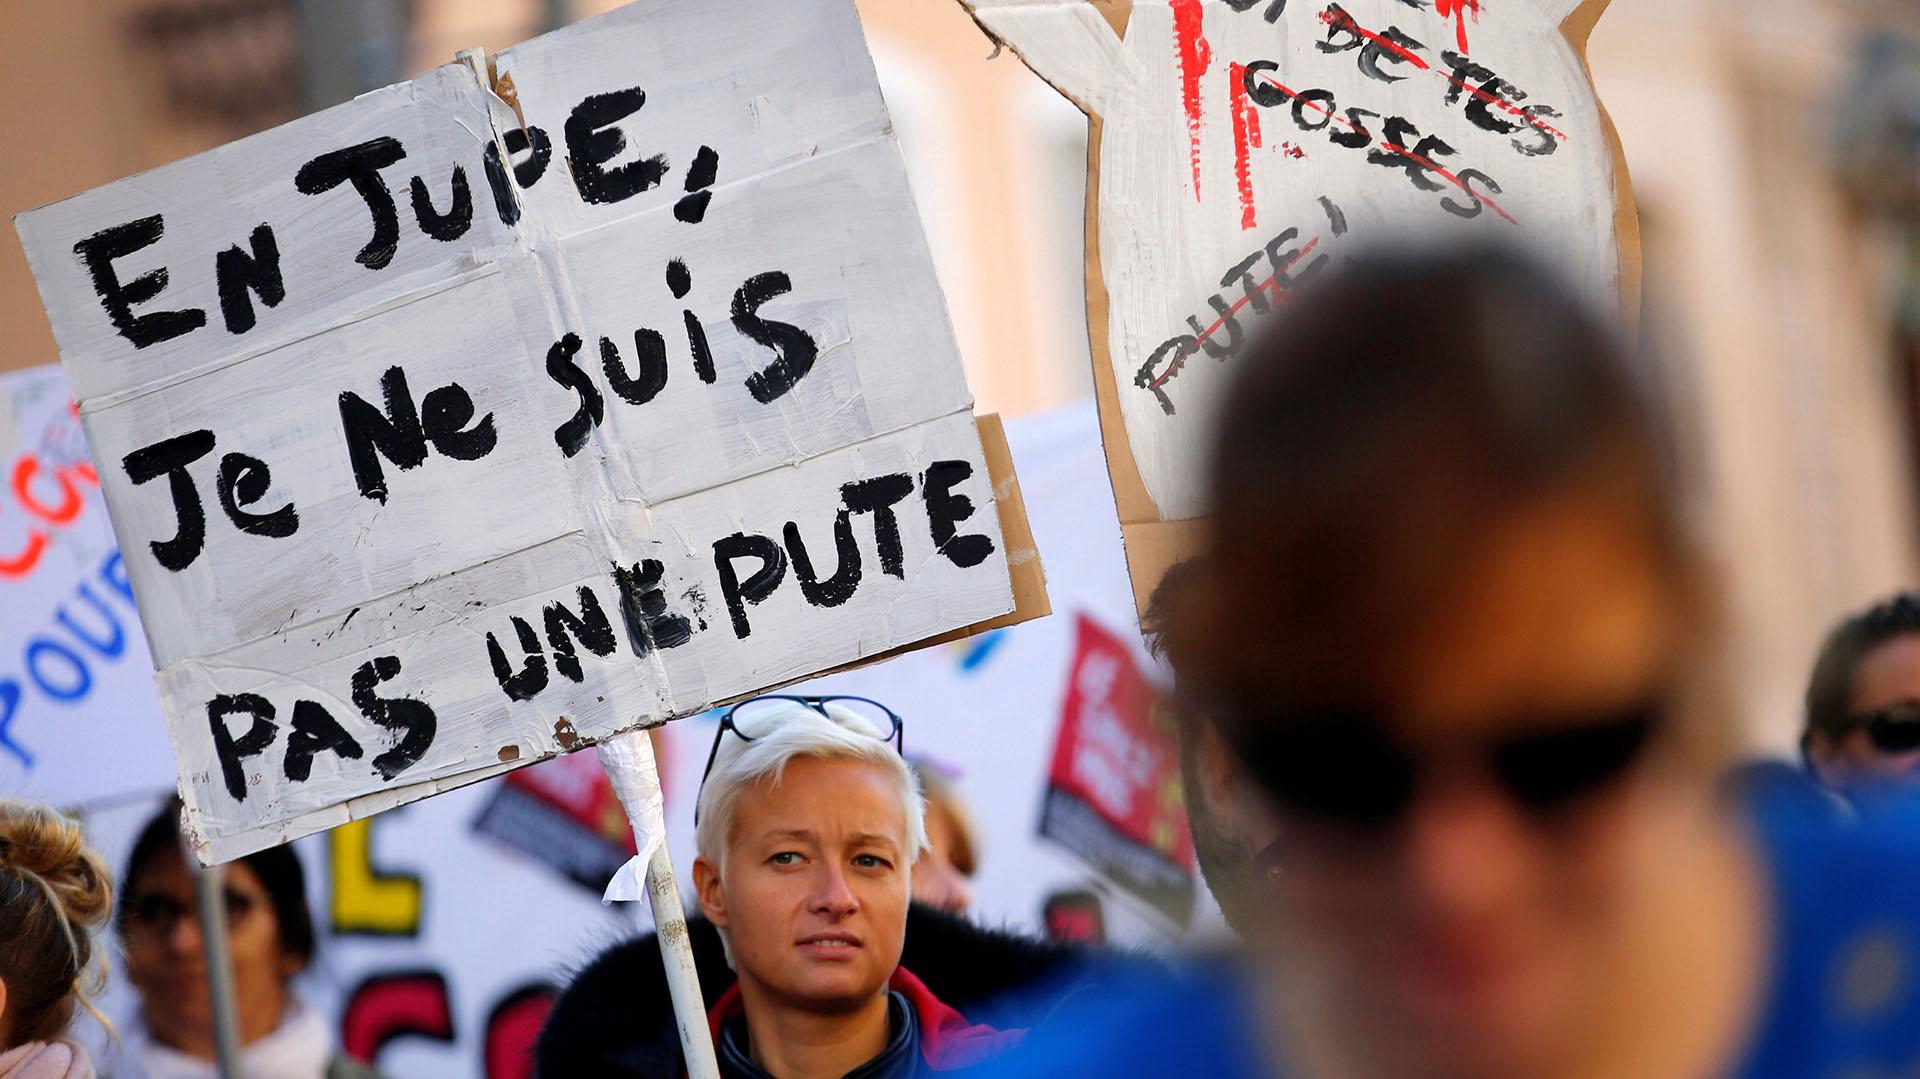 """""""En falda, no soy una prostituta"""", afirma una mujer en Marsella"""